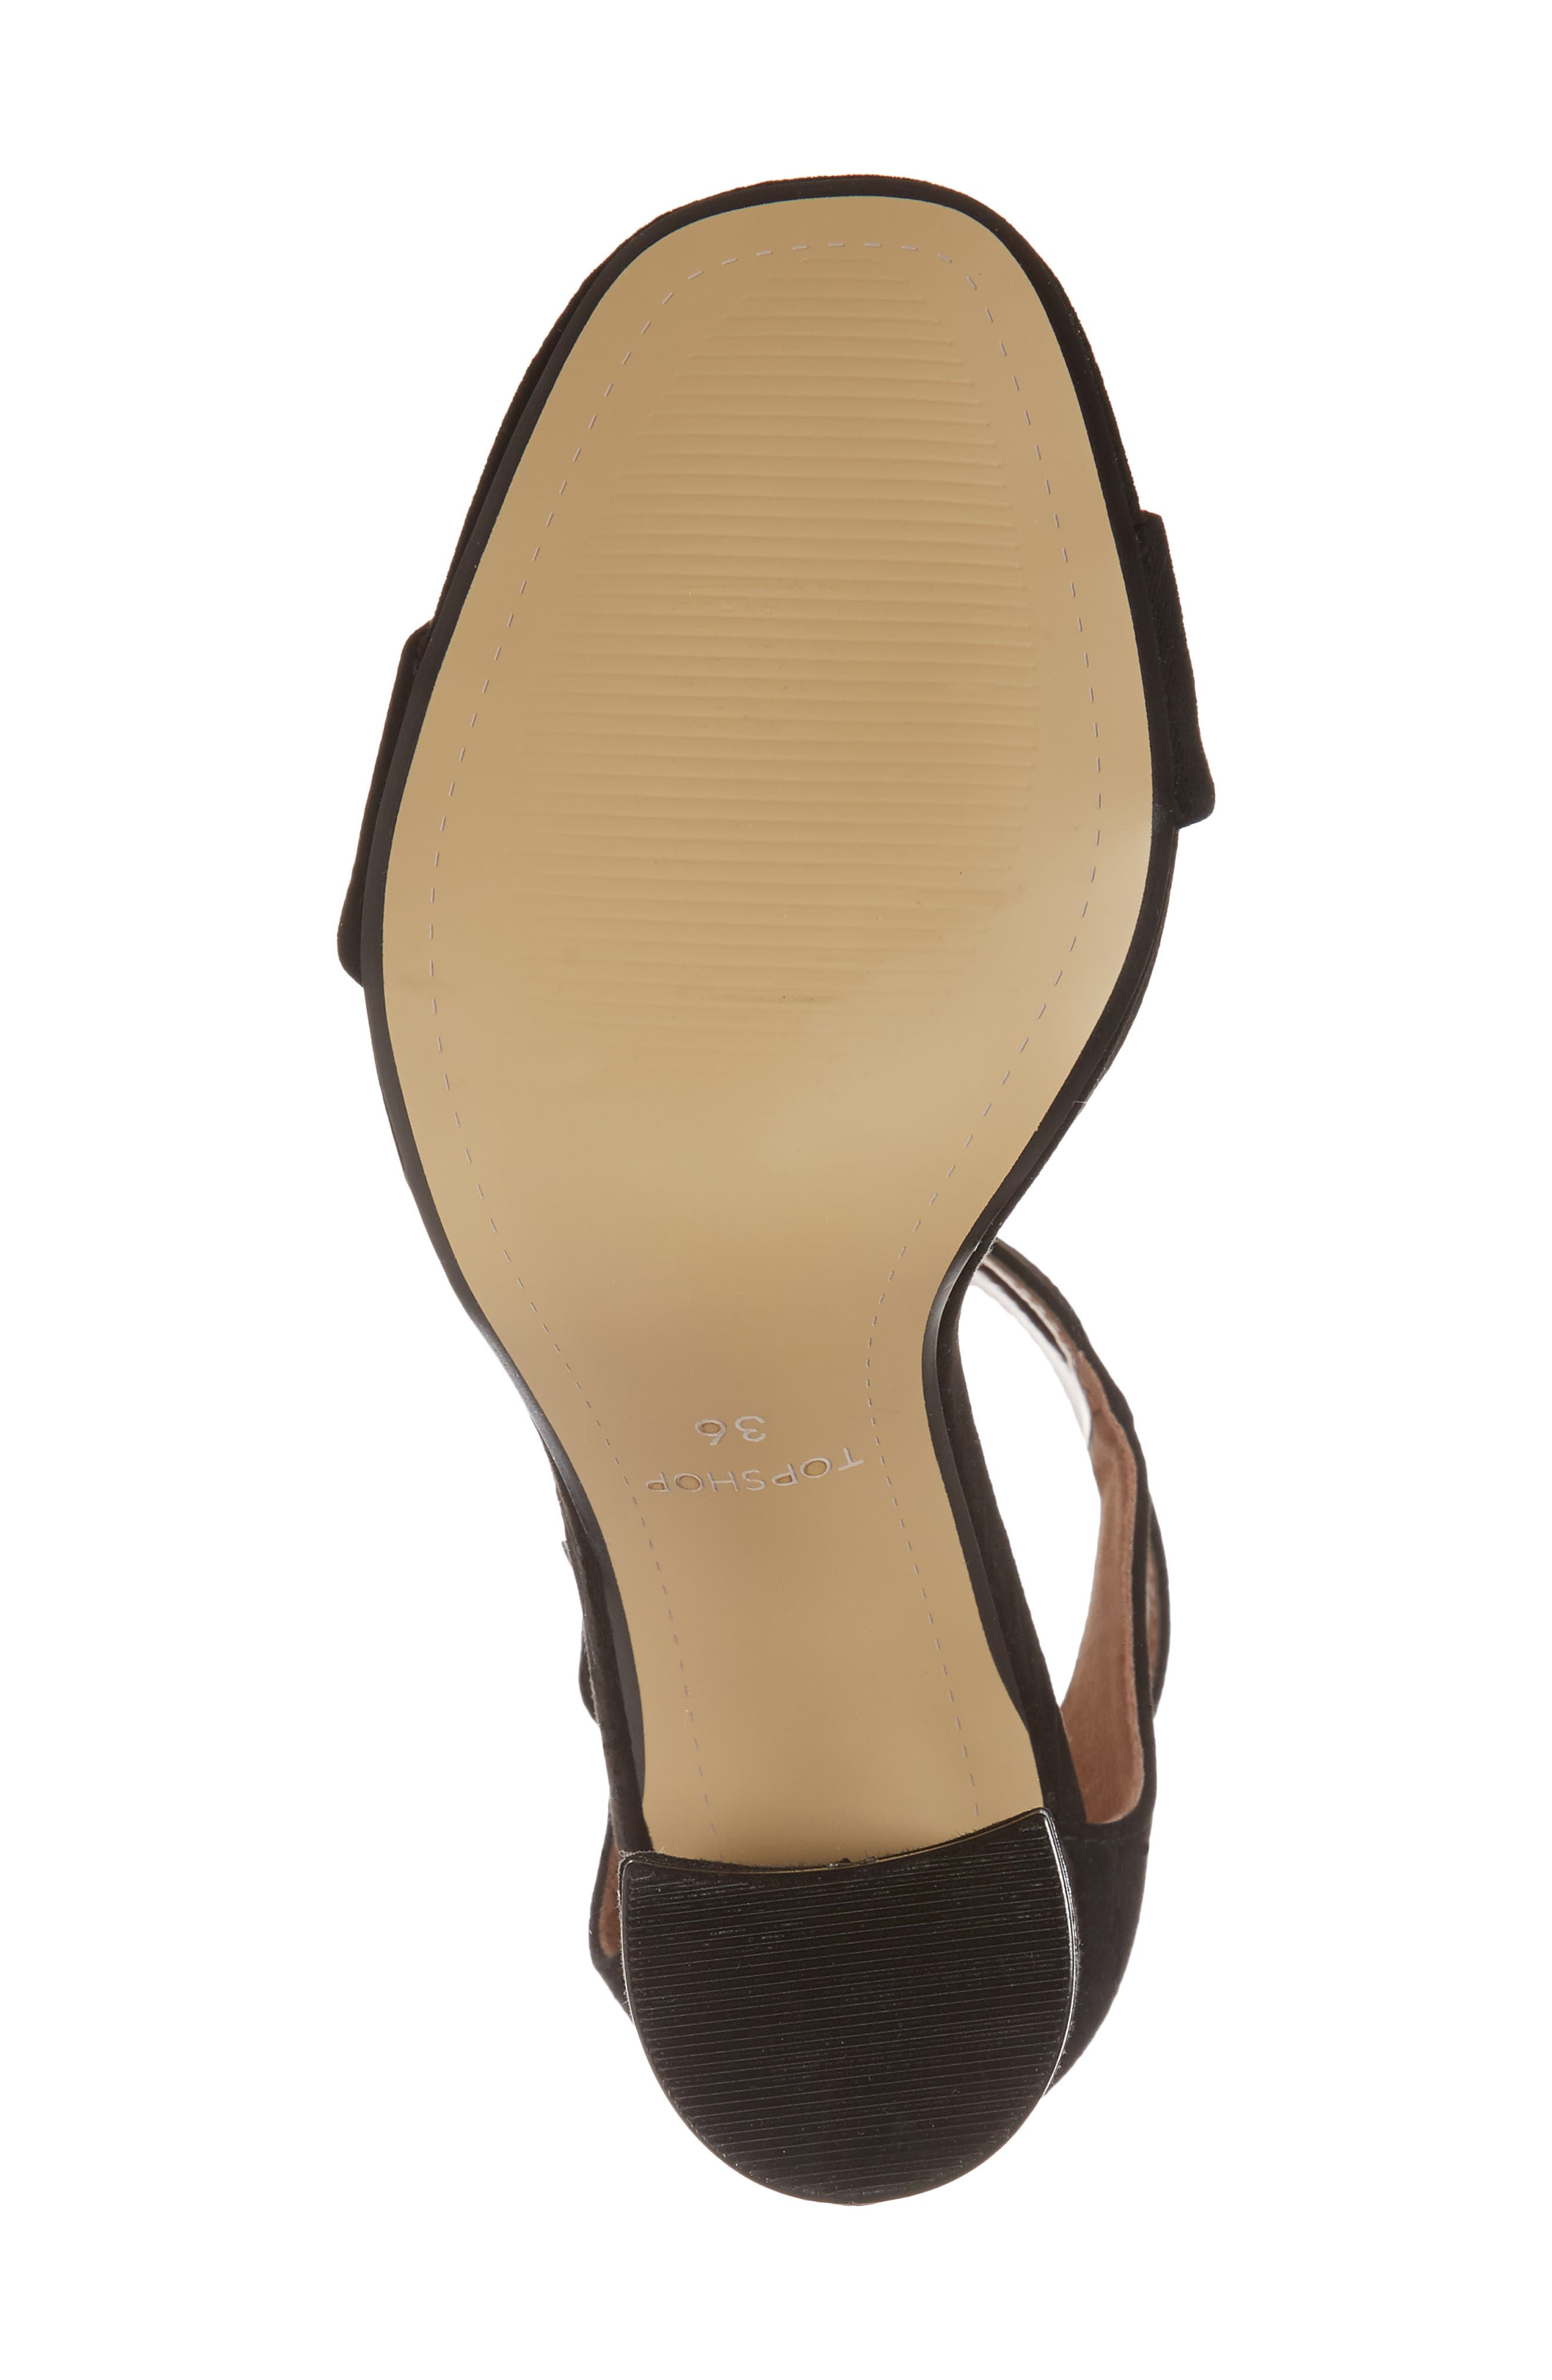 Sinitta Crossover Sandal,                             Alternate thumbnail 6, color,                             Black